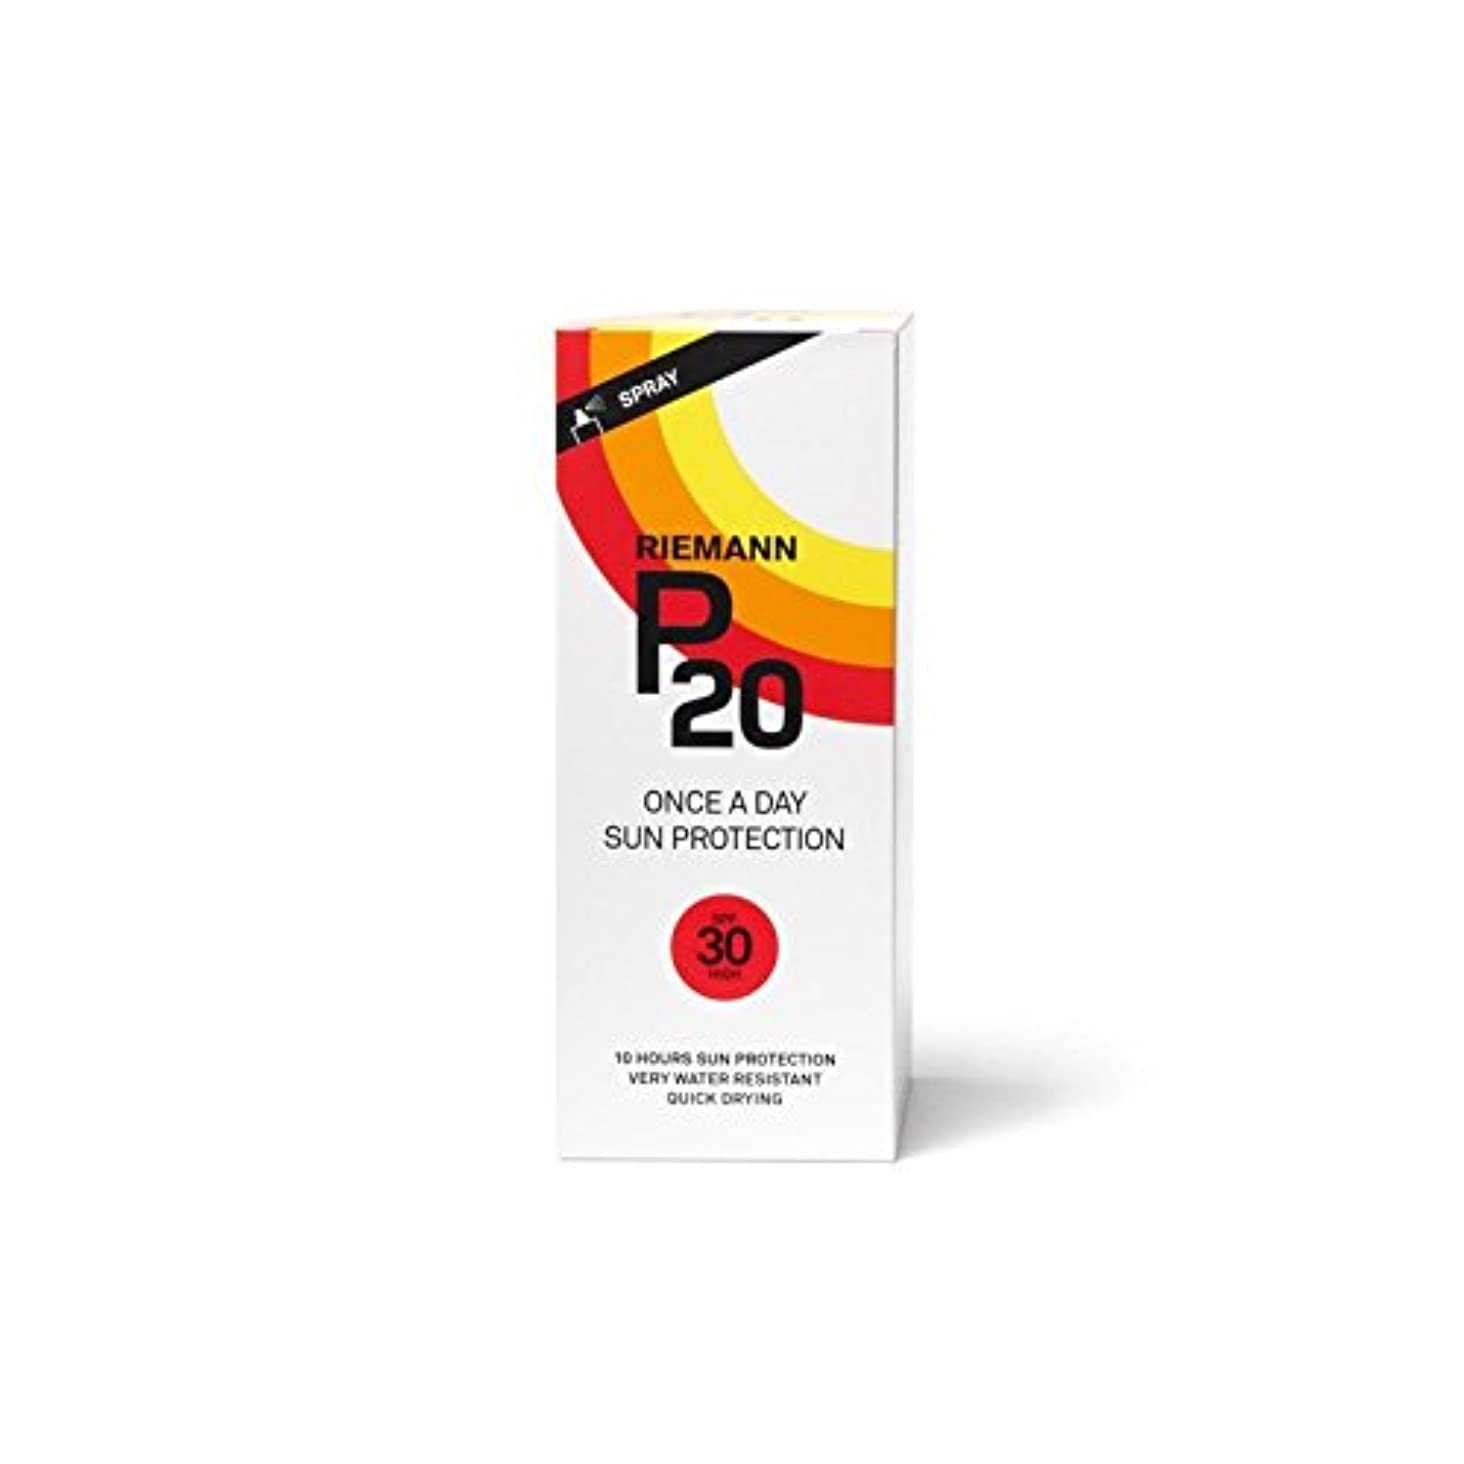 ロッジ受け入れフレッシュRiemann P20 Sun Filter 200ml SPF30 (Pack of 6) - リーマン20のサンフィルター200ミリリットル30 x6 [並行輸入品]